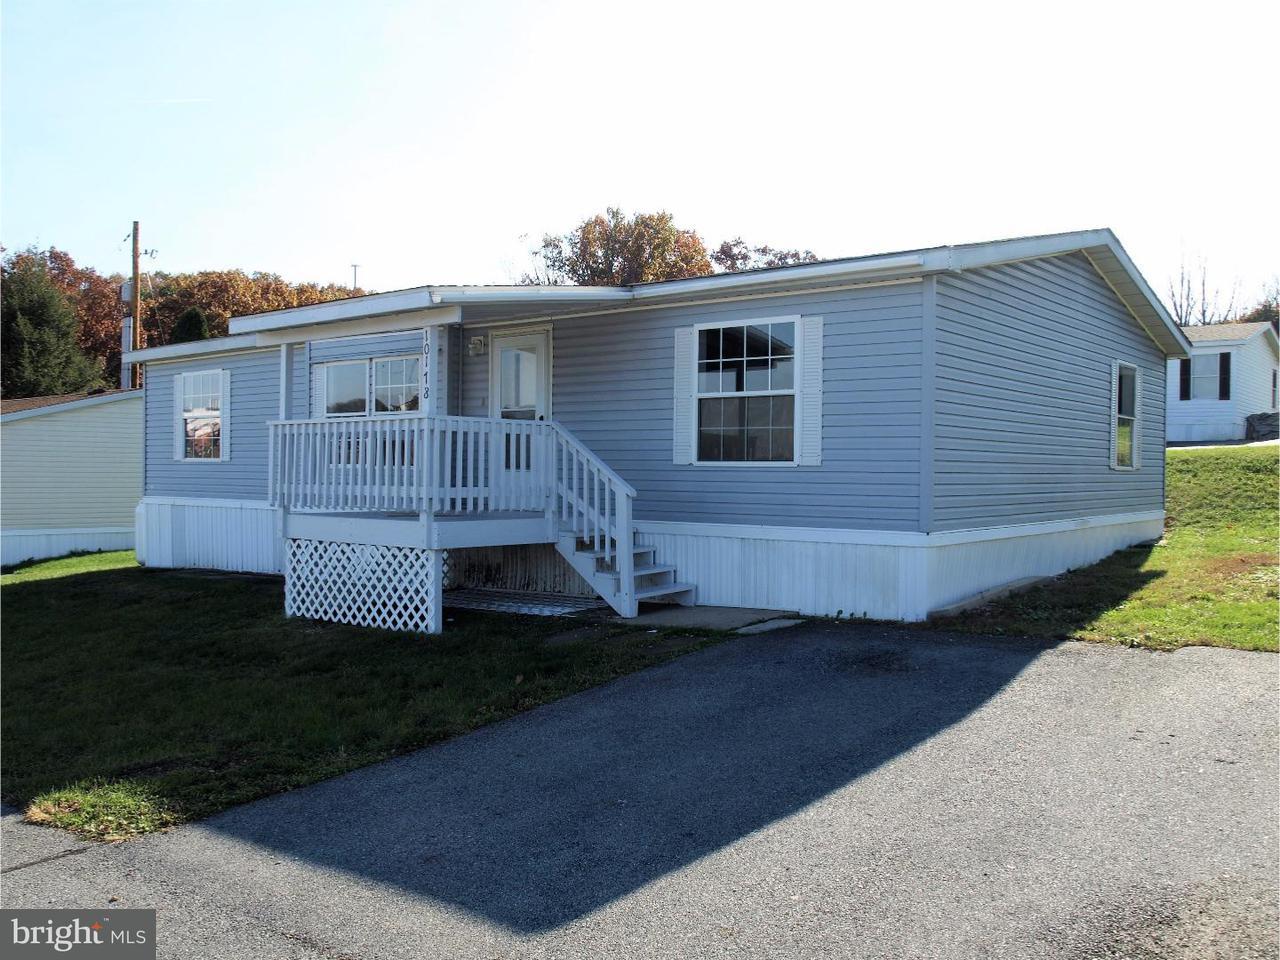 移动之家 为 销售 在 10178 FOREST GRV Breinigsville, 宾夕法尼亚州 18031 美国